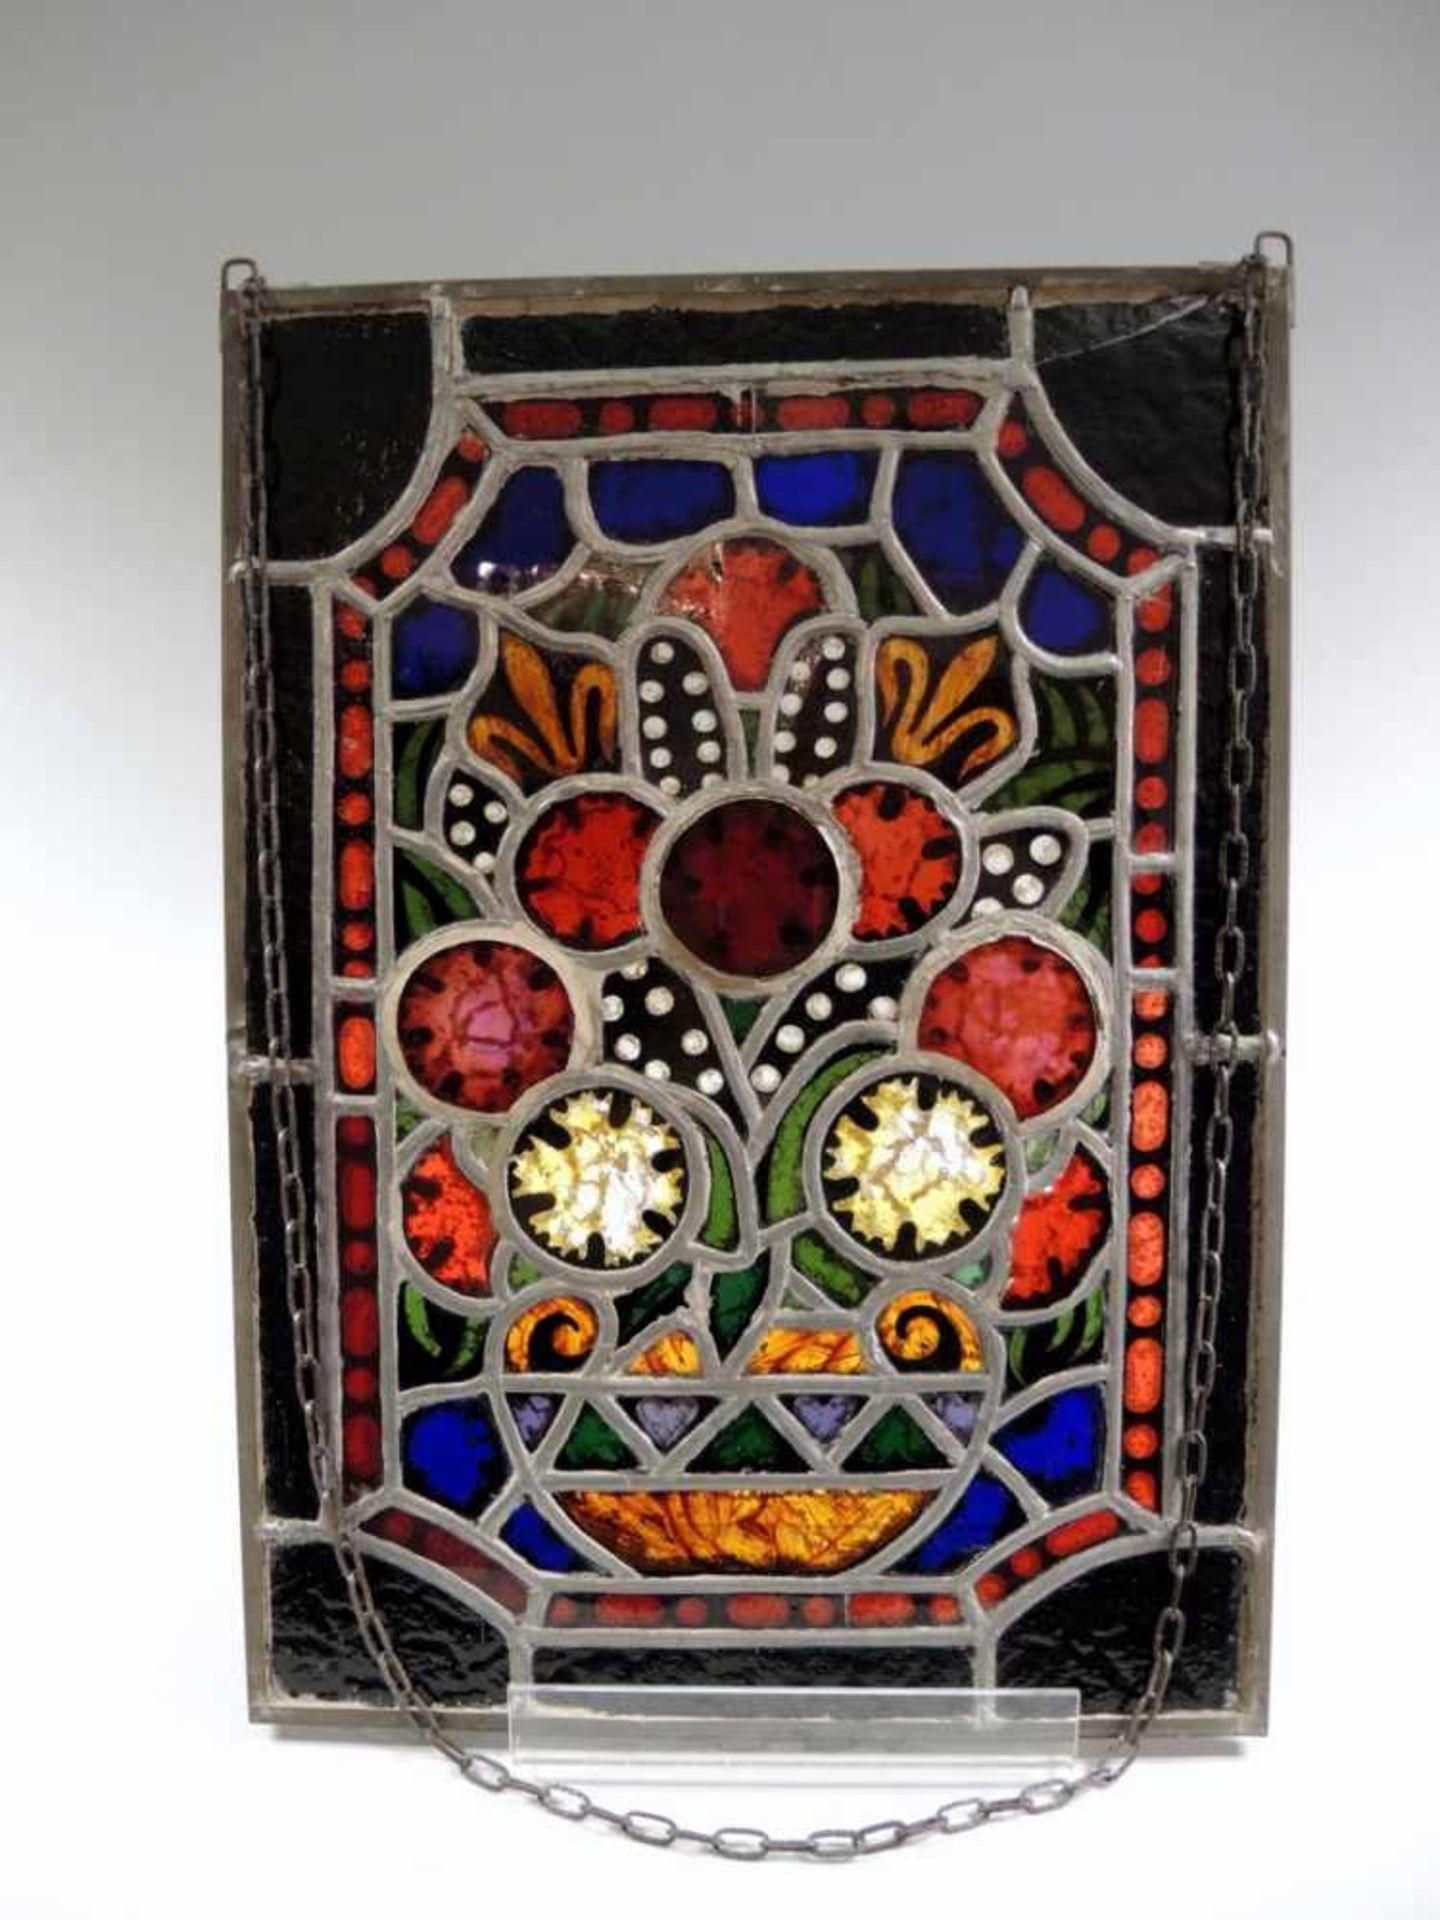 Los 32 - Bunte Butzenscheibe Glas, viereckige Scheibe, Darstellung einer abstrakten Komposition. Riss an